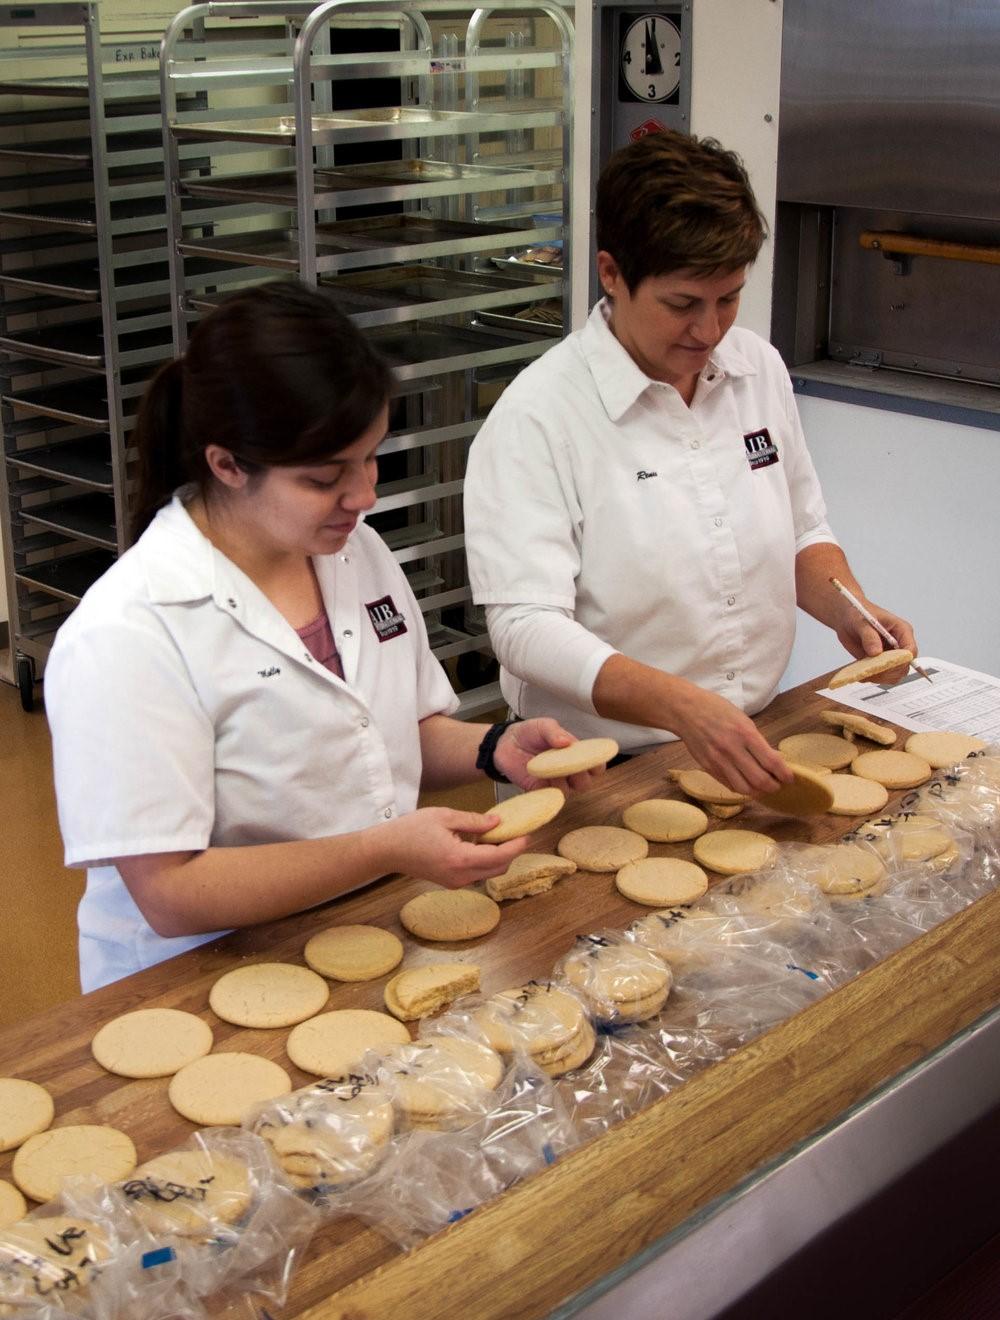 Los investigadores utilizan una evaluación subjetiva de las galletas para comparar la calidad de la harina.